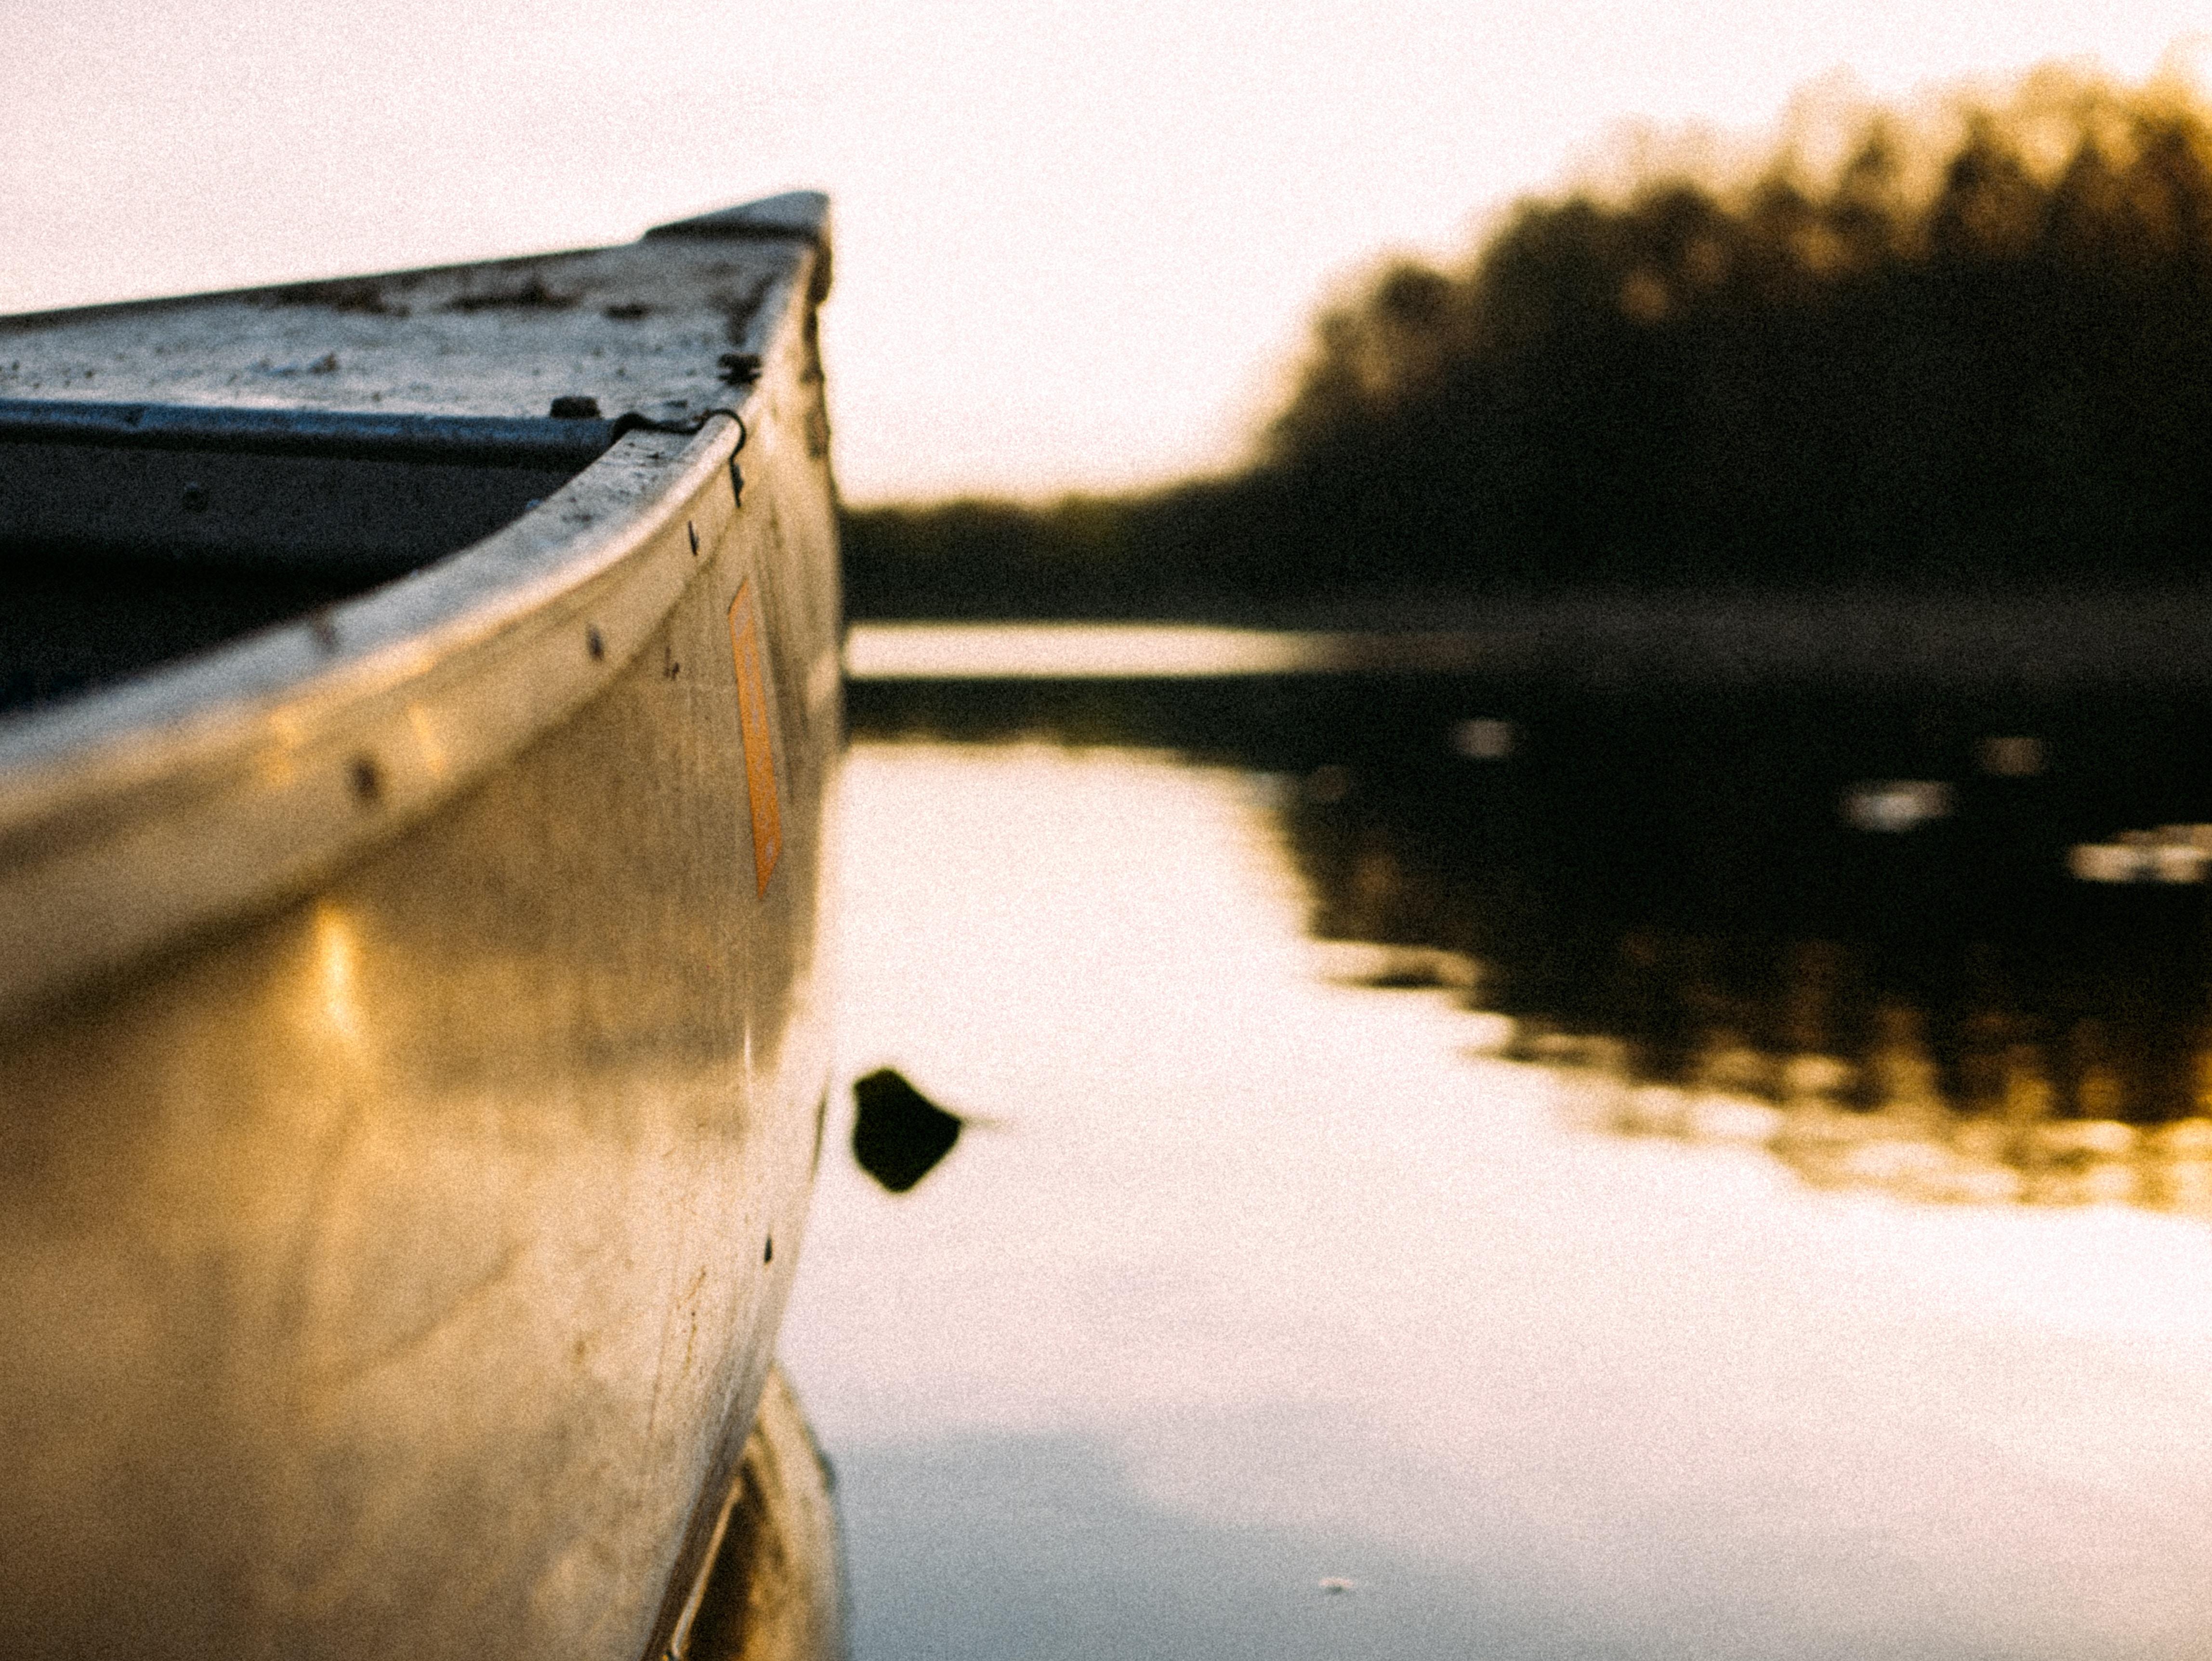 canoe closeup